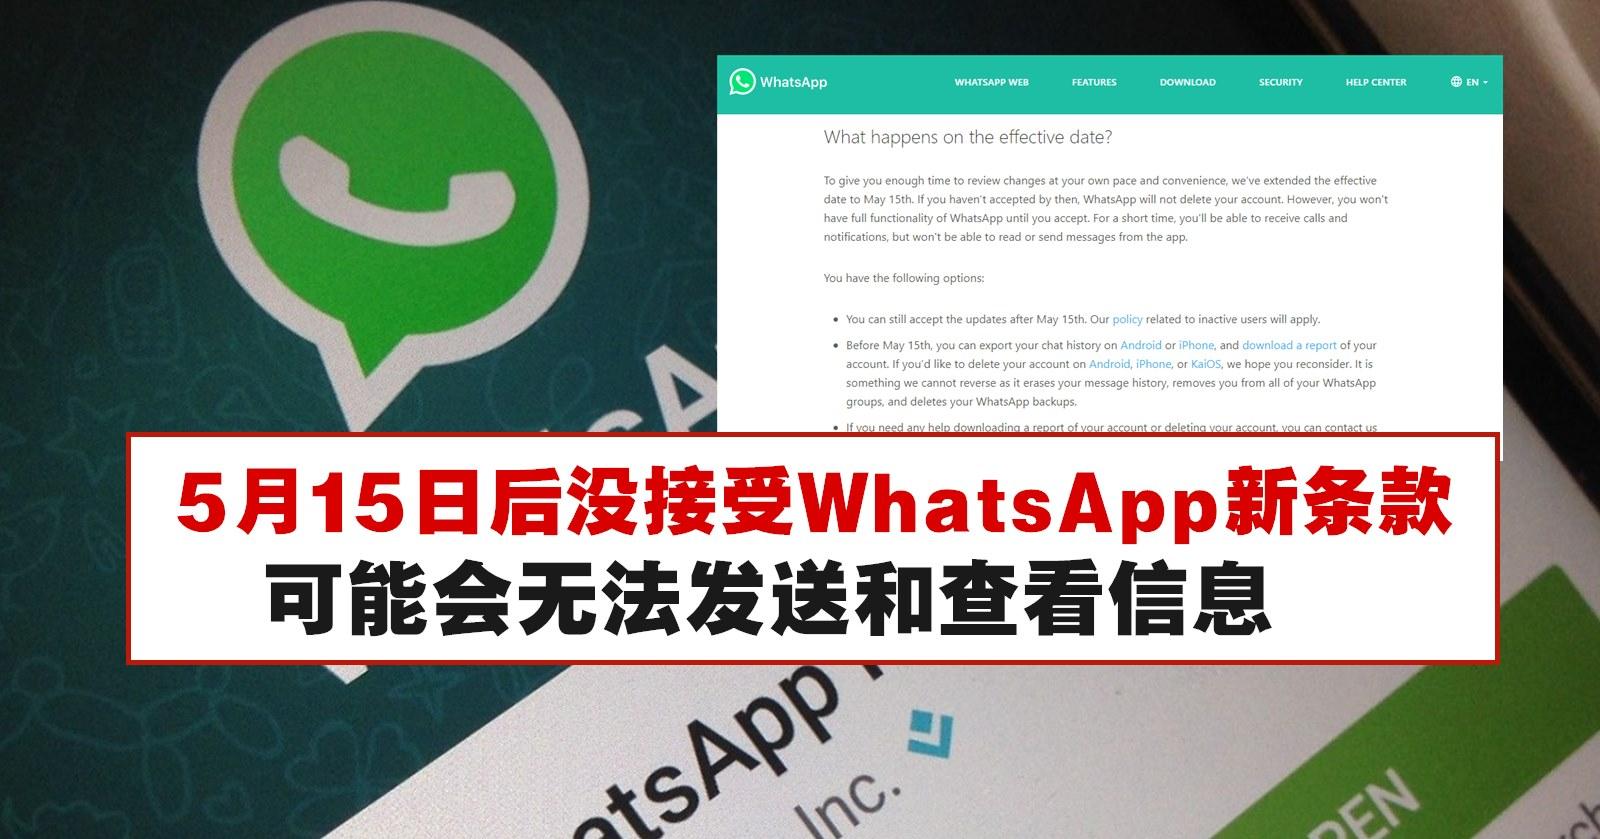 还没接受WhatsApp新隐私条款,5月15日后可能无法正常使用WhatsApp